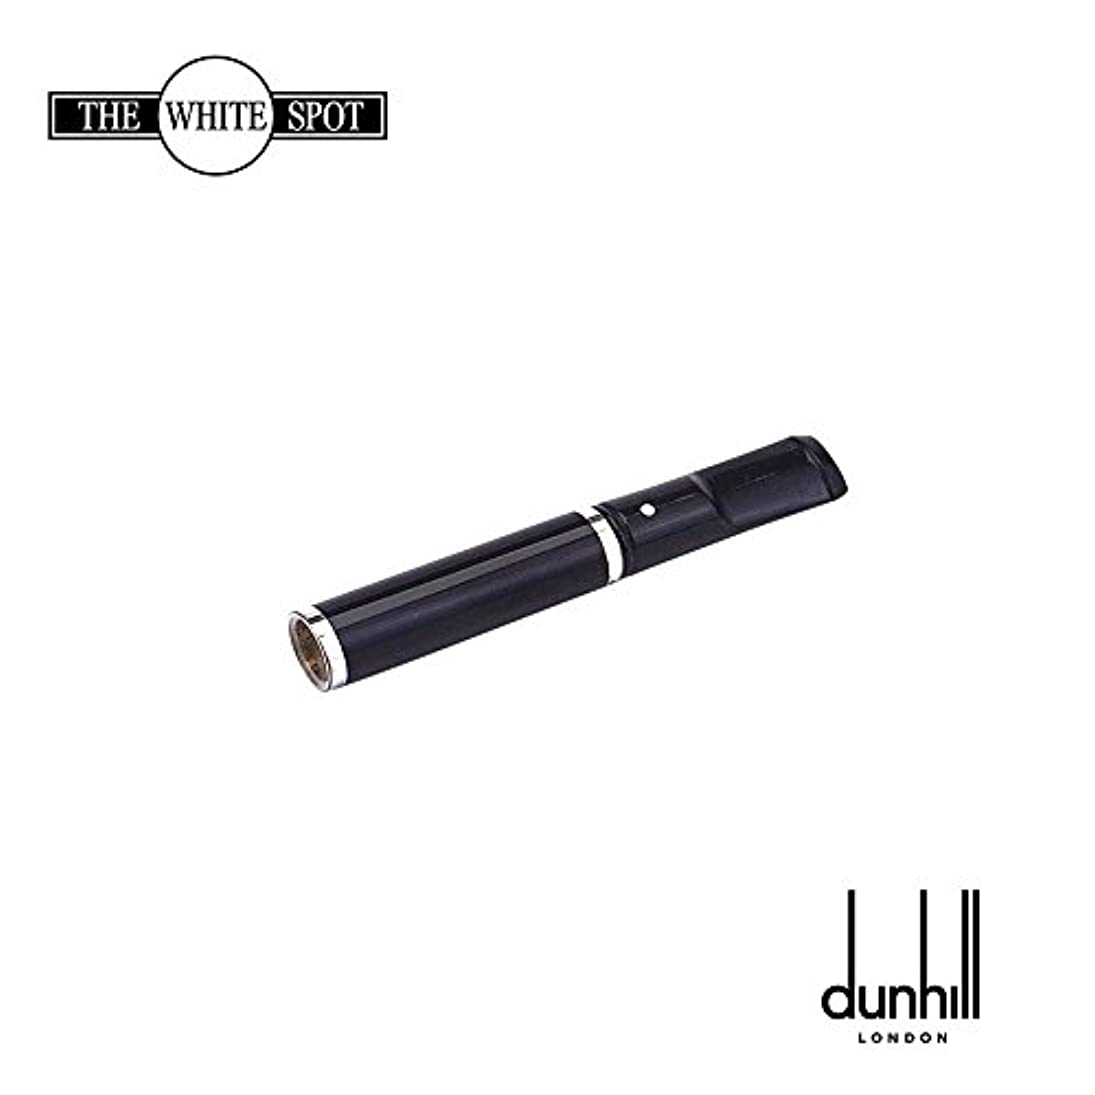 線男やもめ分泌するDunhill ダンヒル 喫煙具 ホワイトスポット シガレットホルダー ショーティ?シガレット?ホルダー ブラック?ラッカー?シルバープレート CH2817